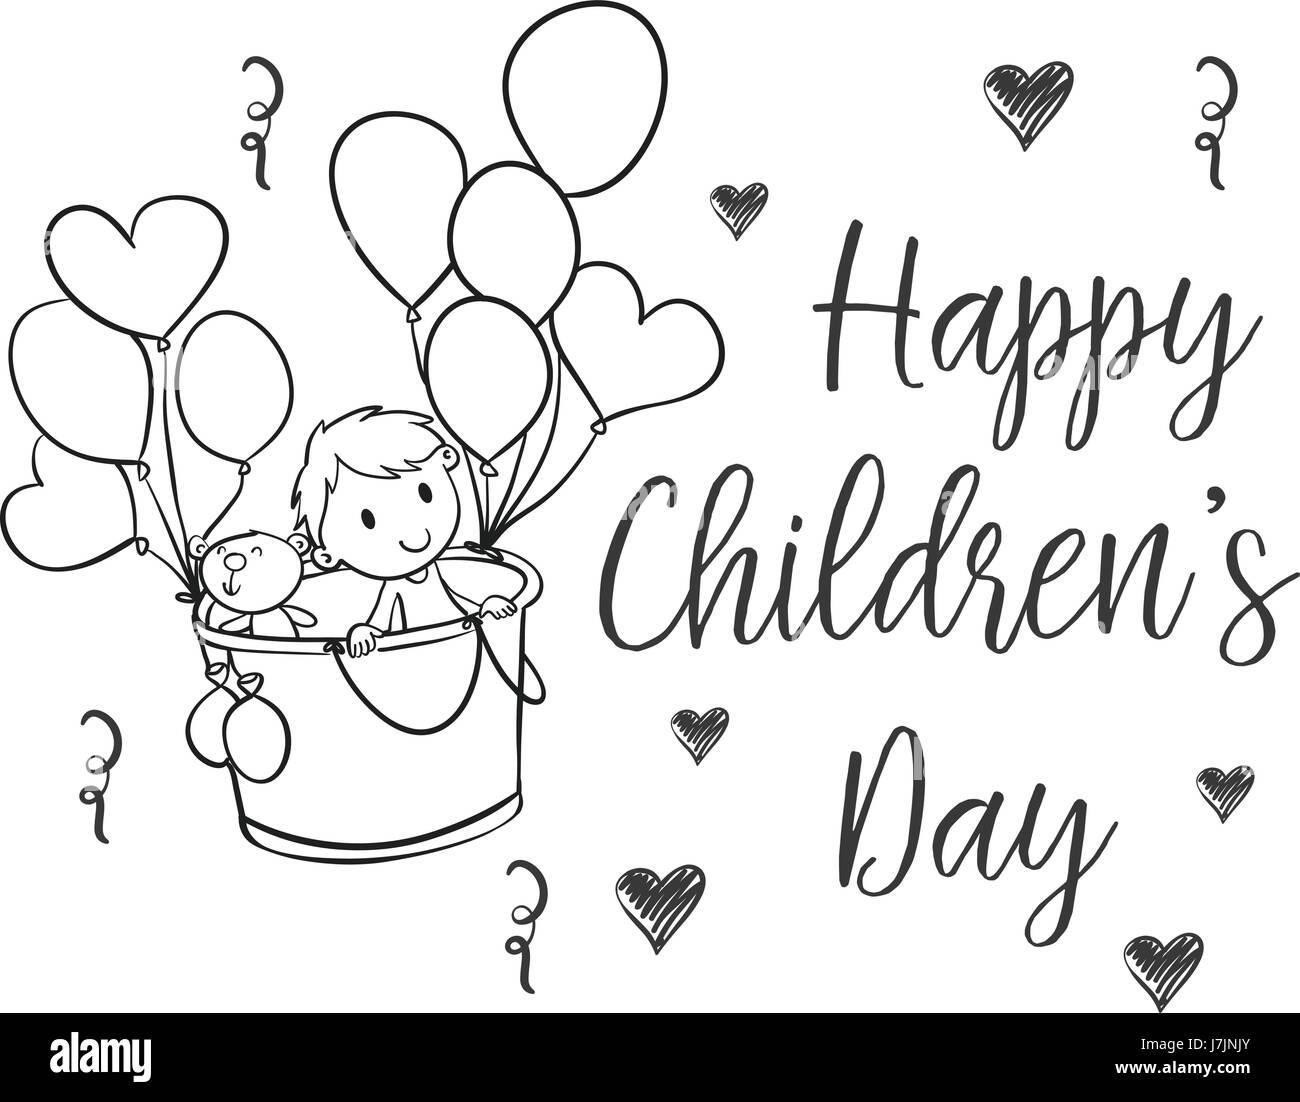 Disegnare a mano la giornata dei bambini scarabocchi Immagini Stock